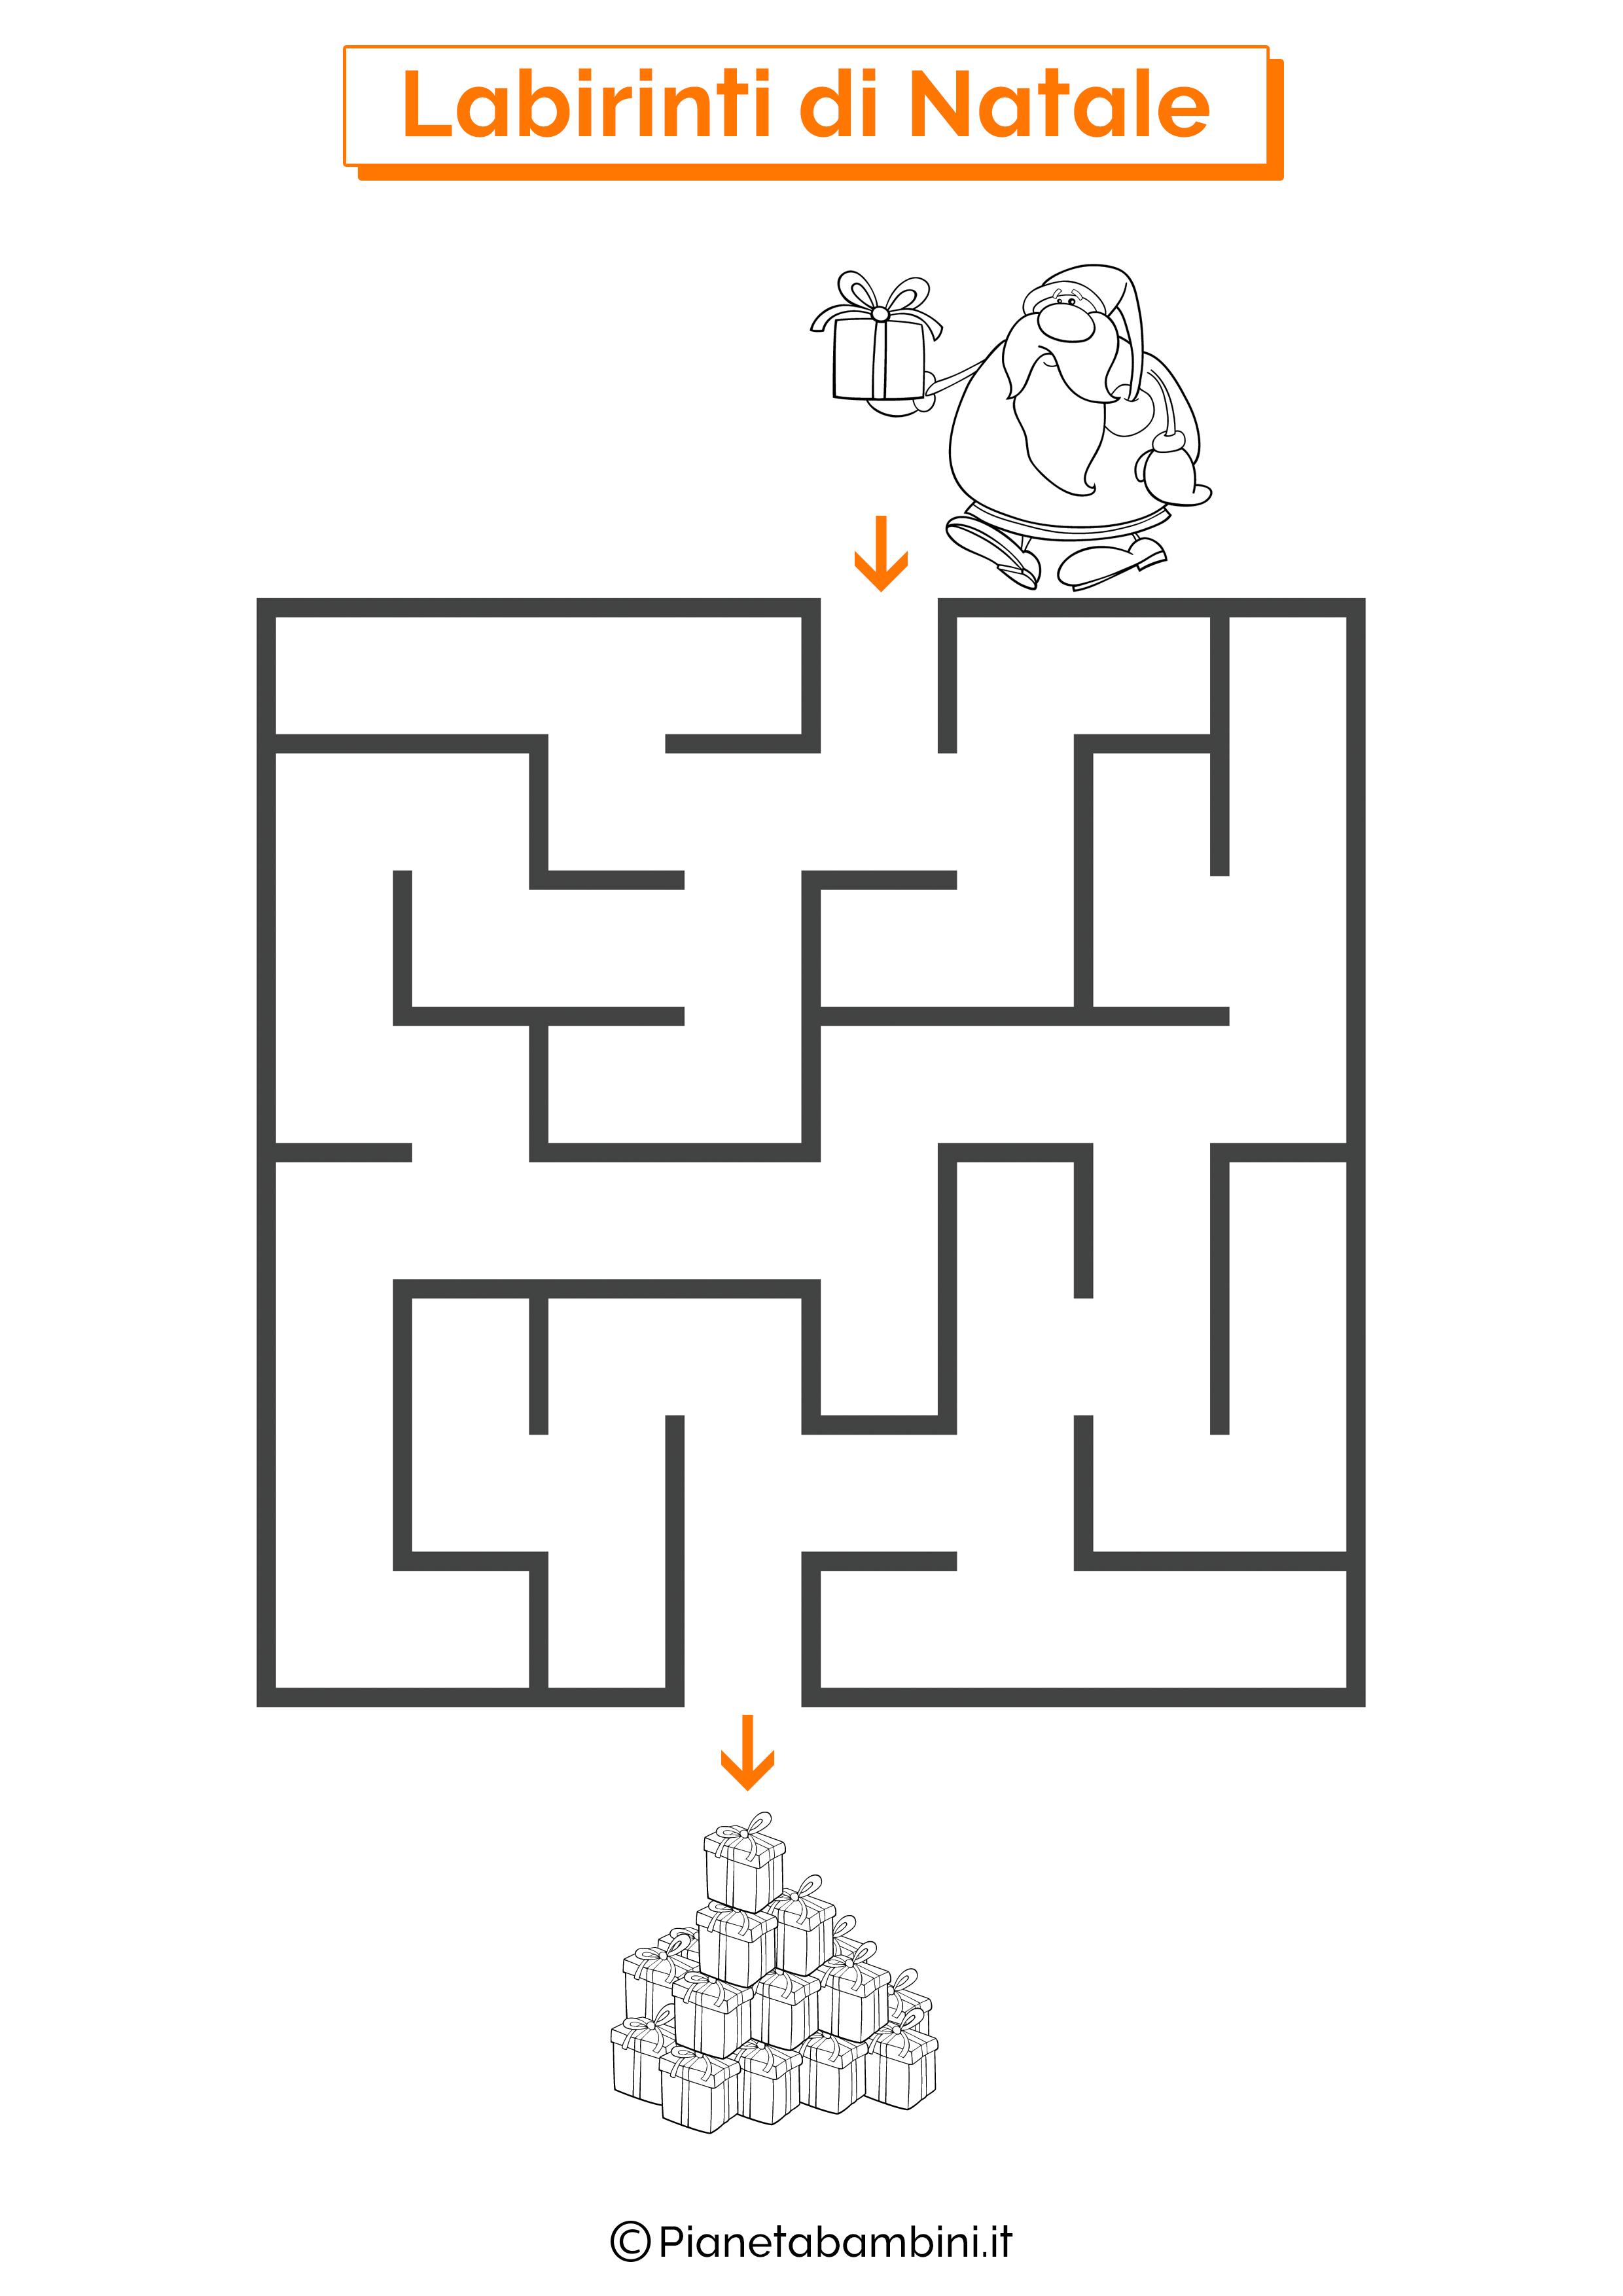 Labirinto di Natale da stampare 05